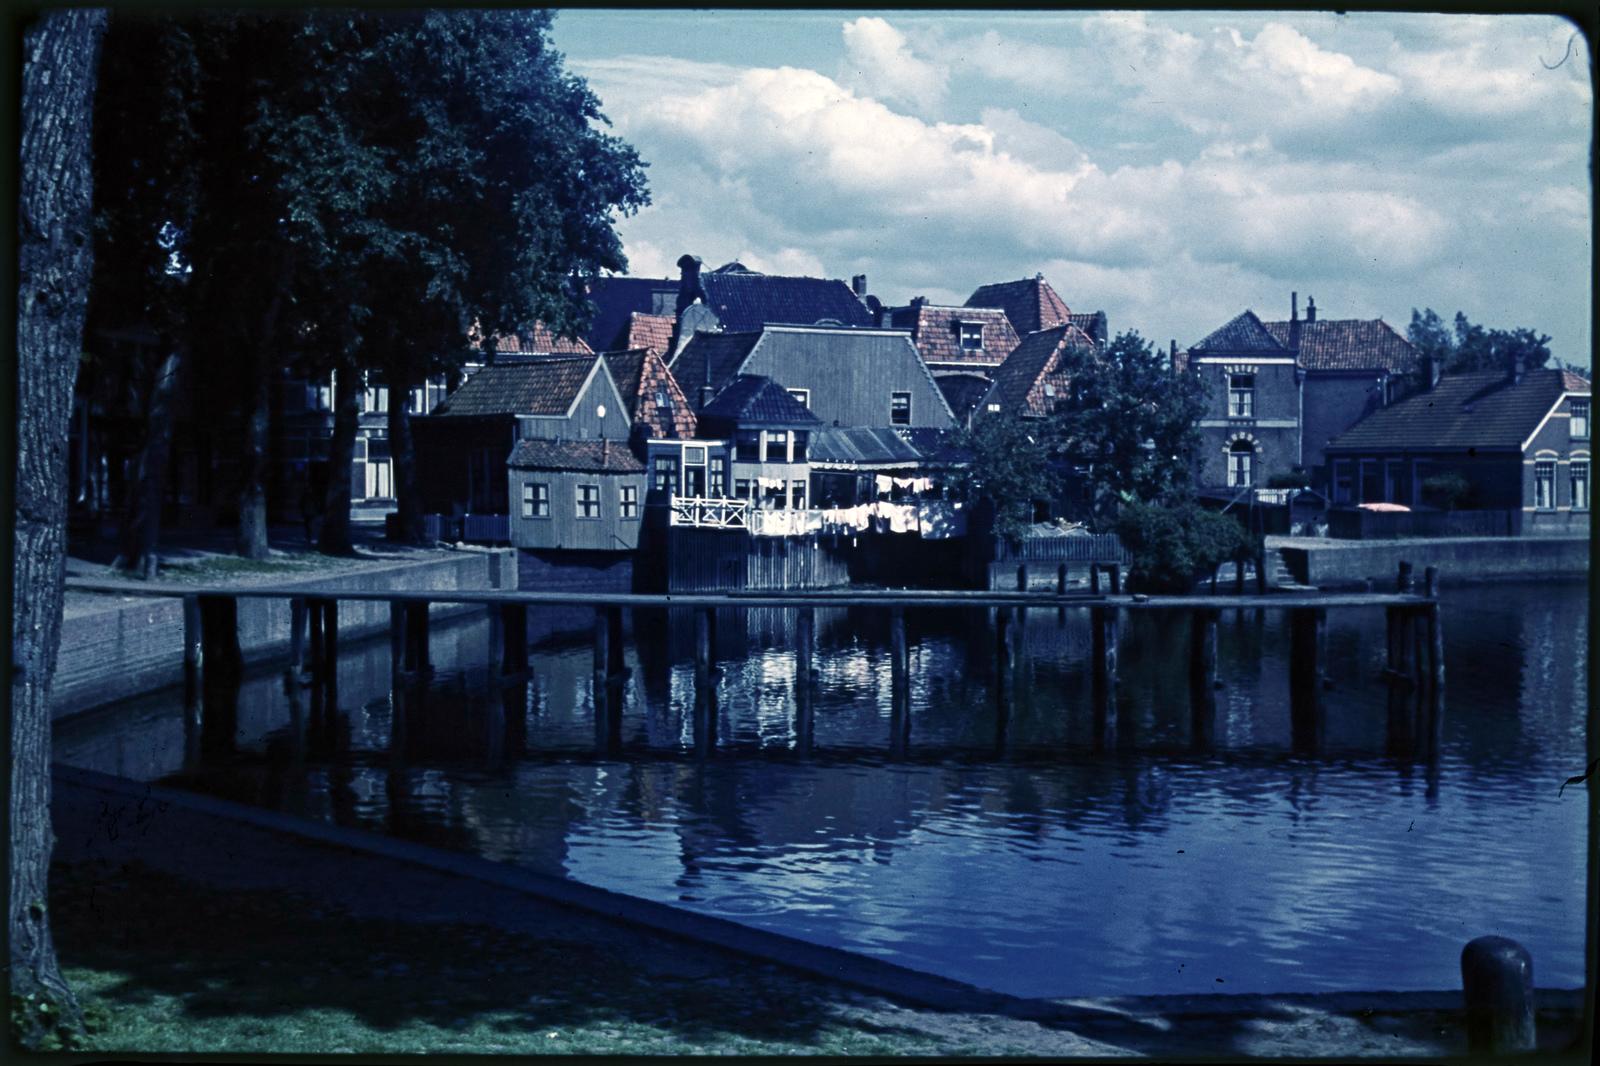 Loopsteiger in haven met huizen in de verte